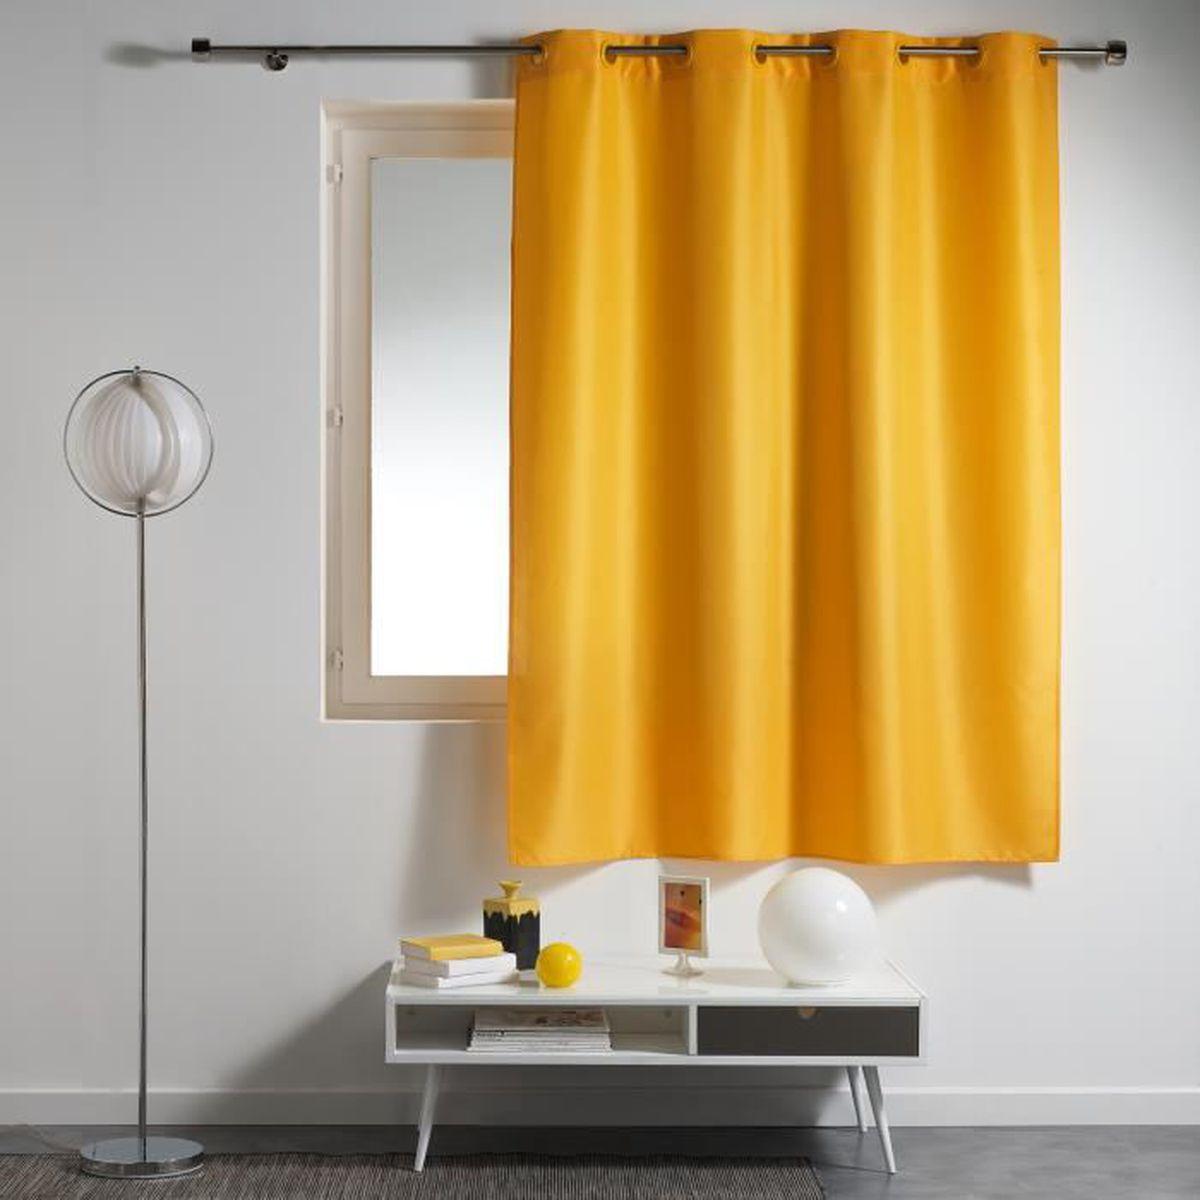 rideau jaune a oeillet achat vente rideau jaune a oeillet pas cher soldes d s le 10. Black Bedroom Furniture Sets. Home Design Ideas